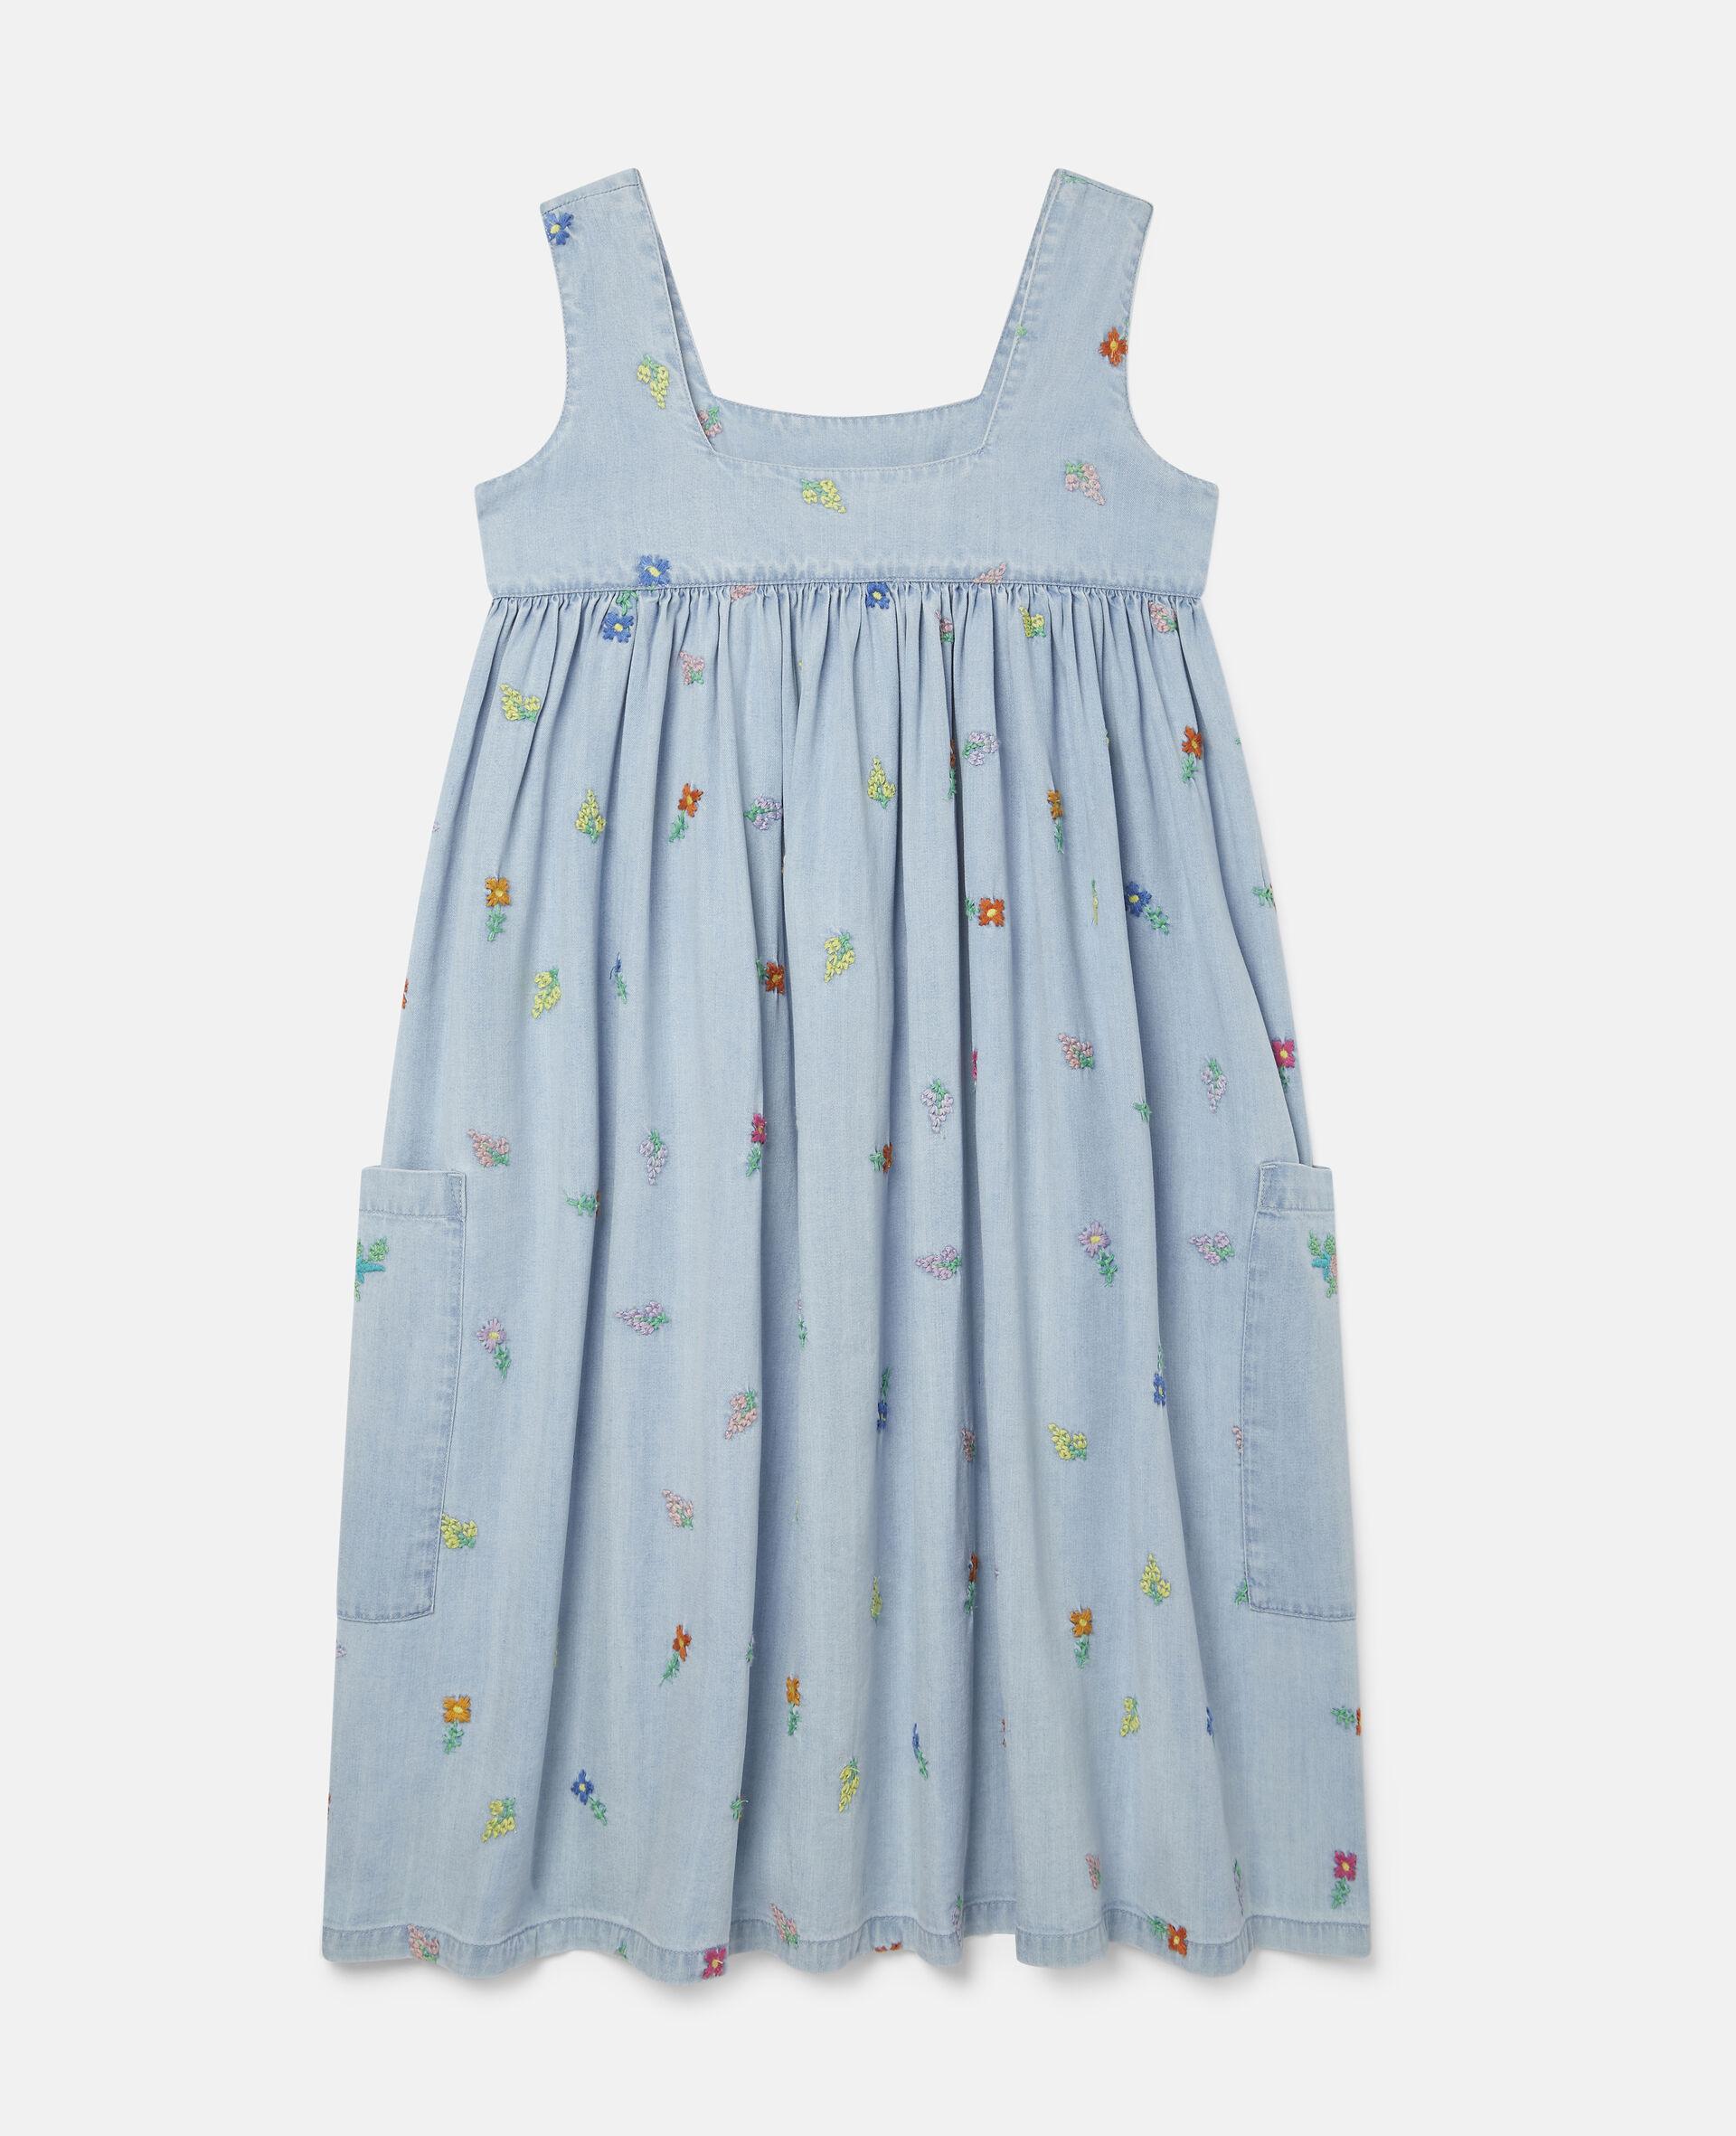 Embroidered Flowers Denim Dress-Blue-large image number 3